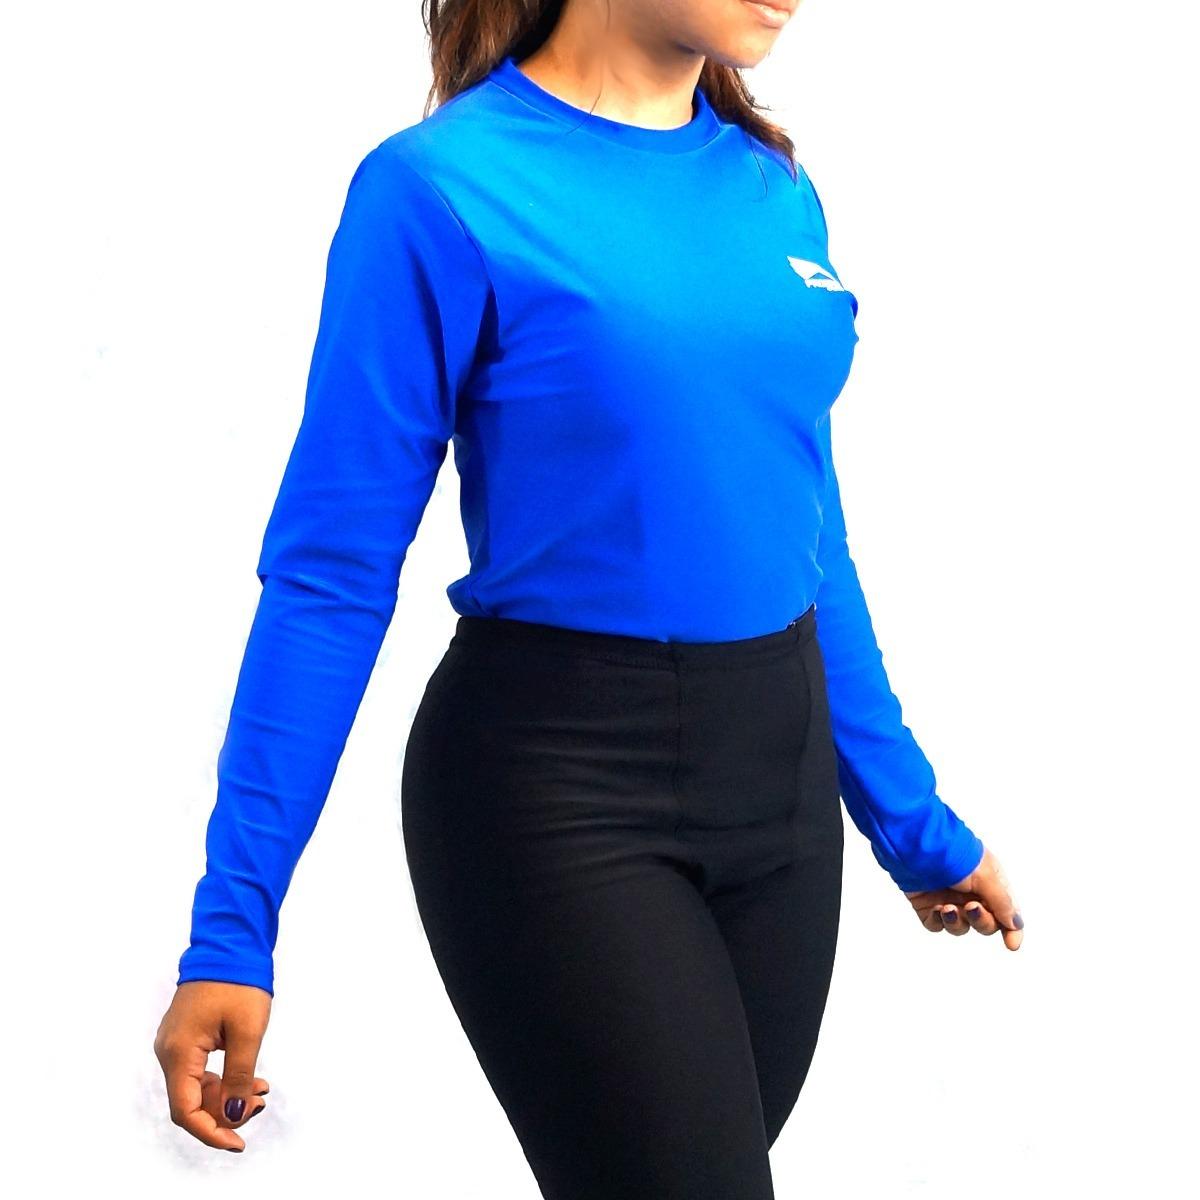 camisa térmica rash guard segunda pele proteção uv50 progne. Carregando zoom . 6c68287931051